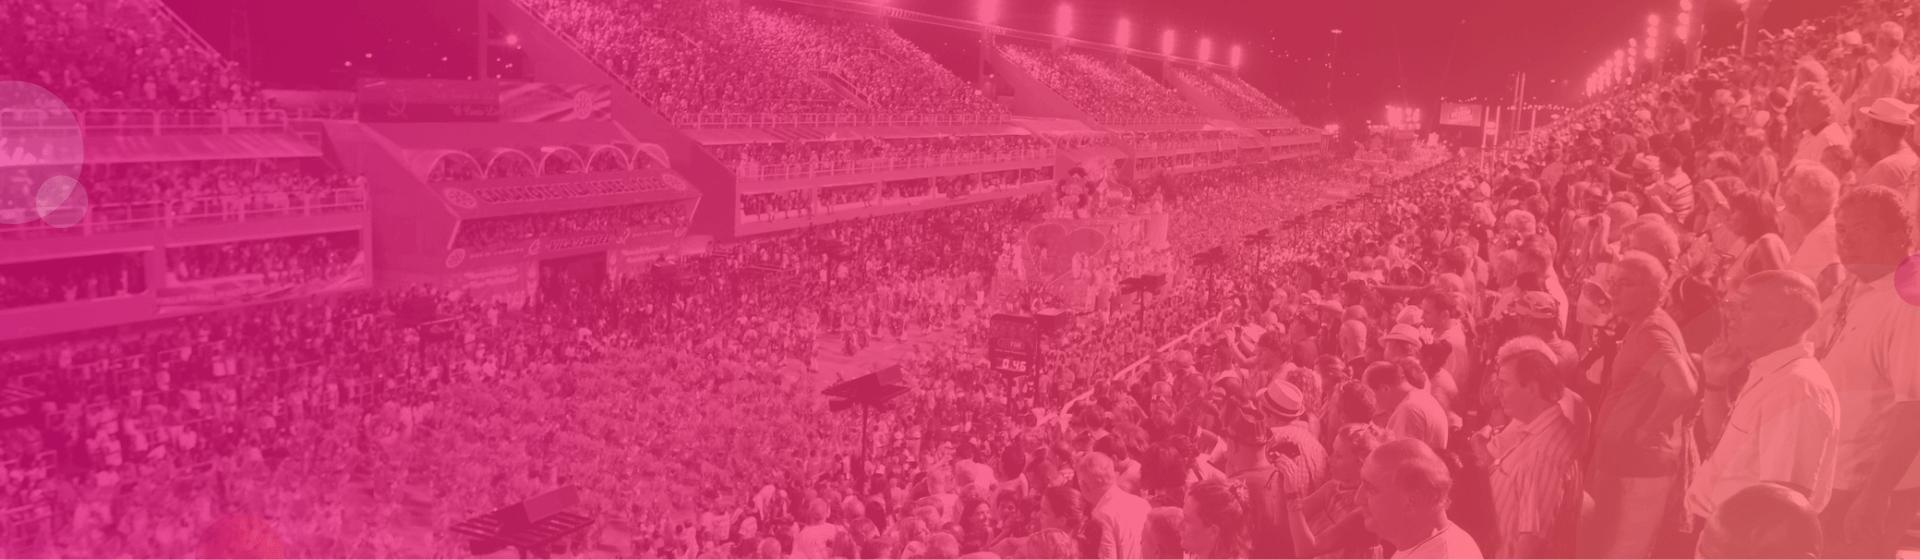 Las entradas para el Desfile de Samba del Carnaval de Brasil